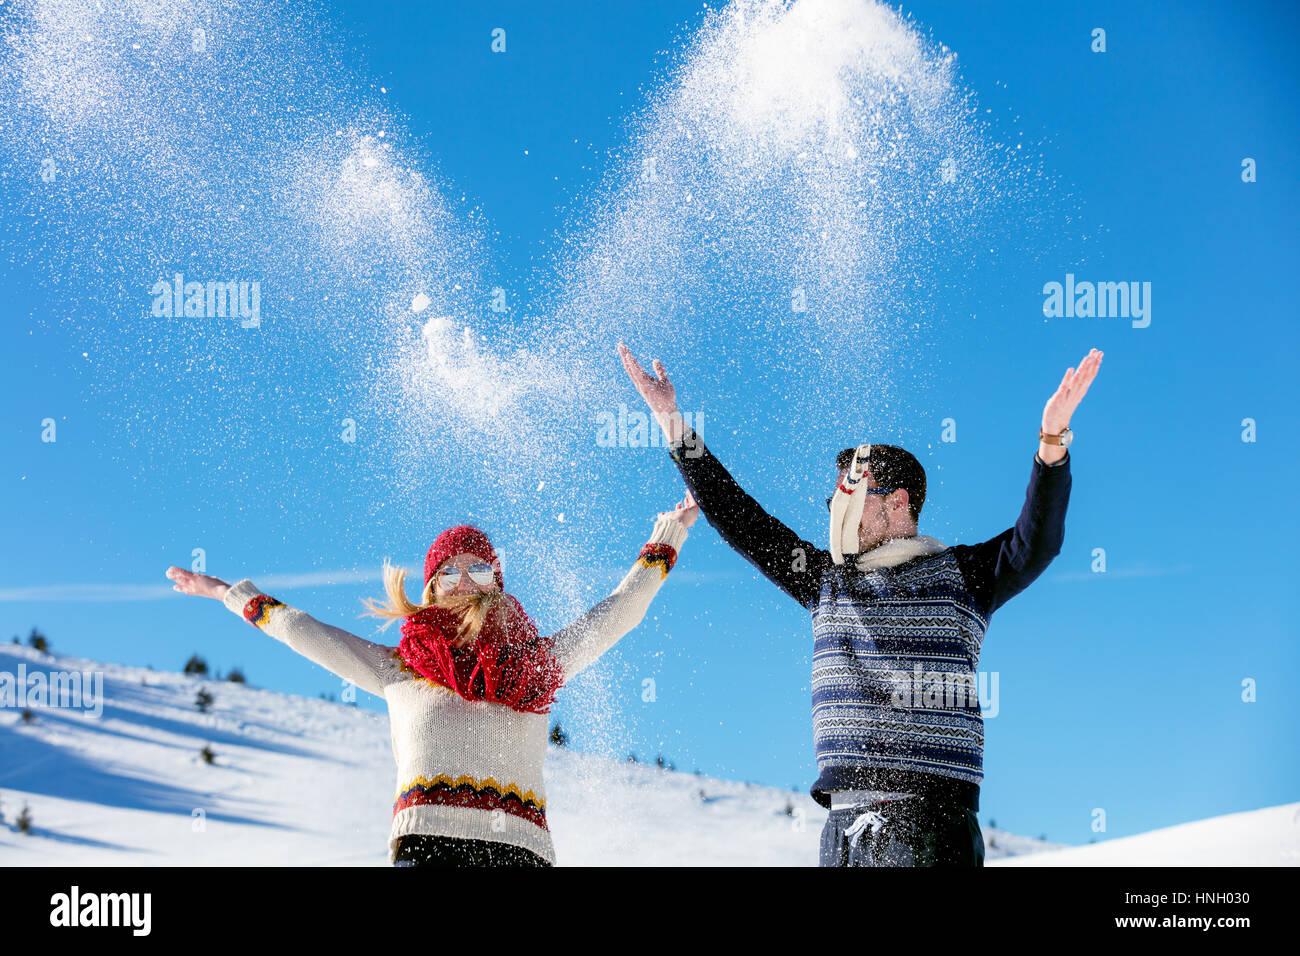 Bataille de boules de neige. Couple d'hiver jouent dans la neige à l'extérieur. Les jeunes heureux Photo Stock